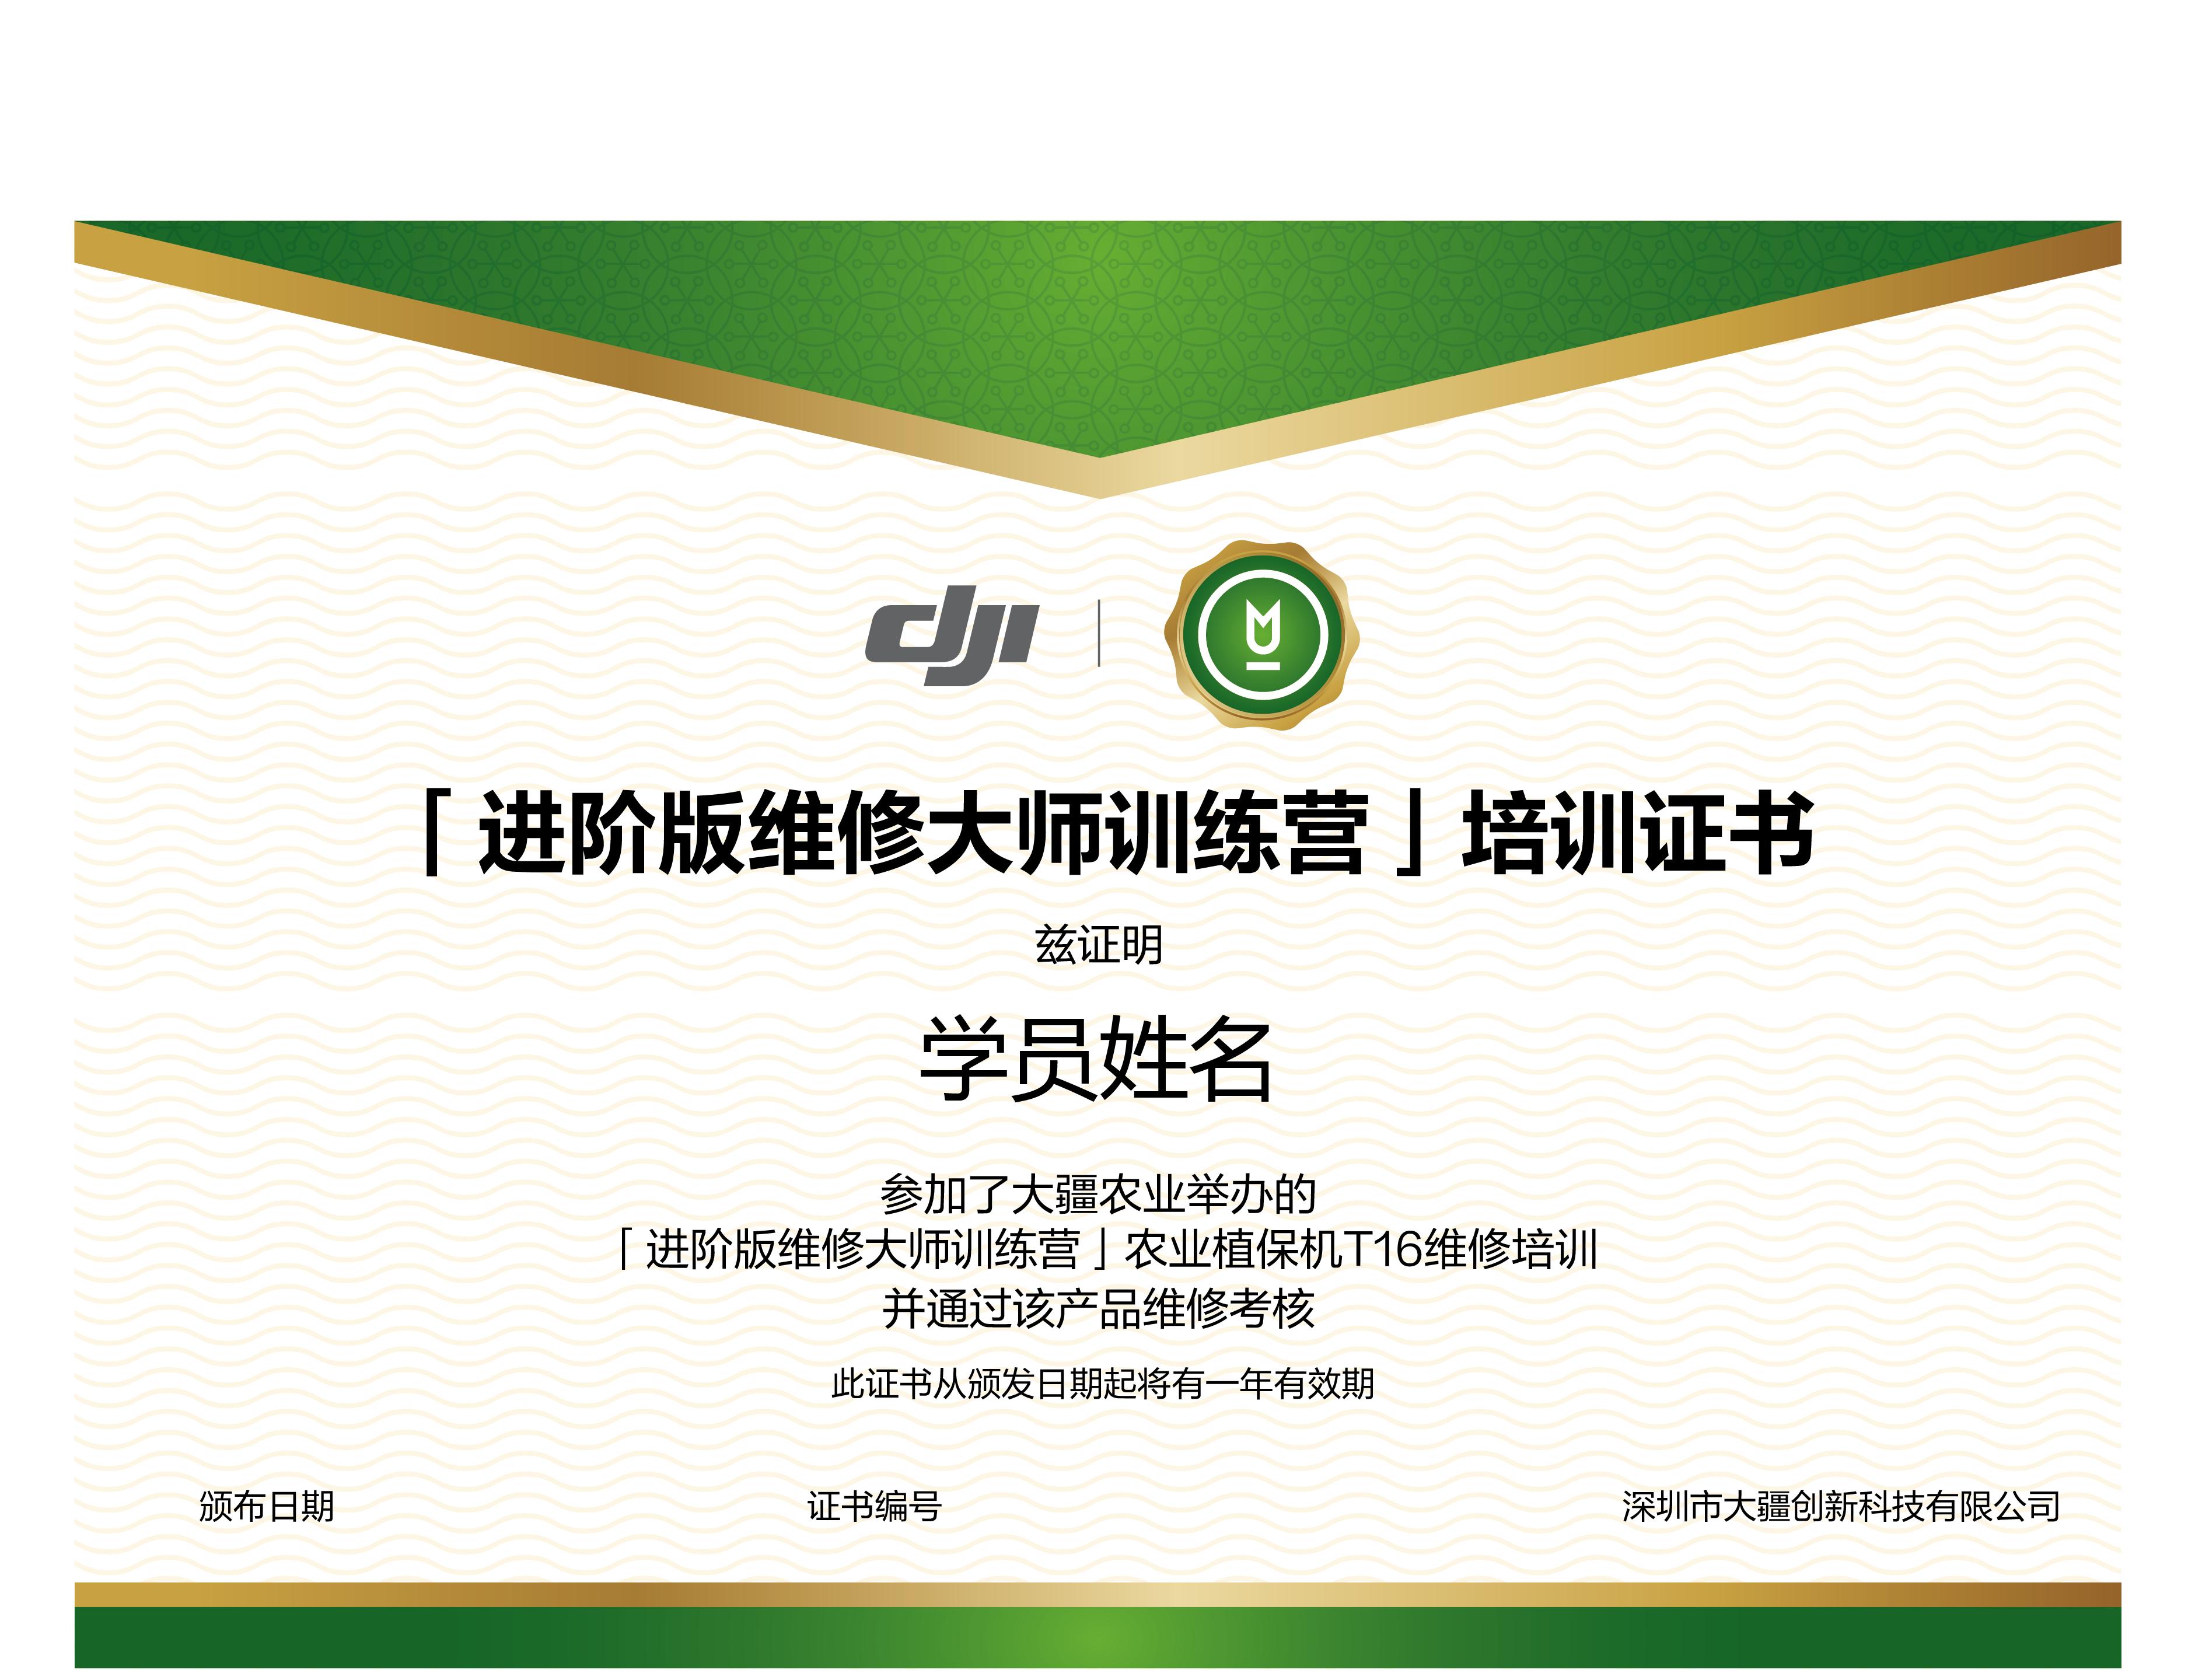 T16进阶版证书.png